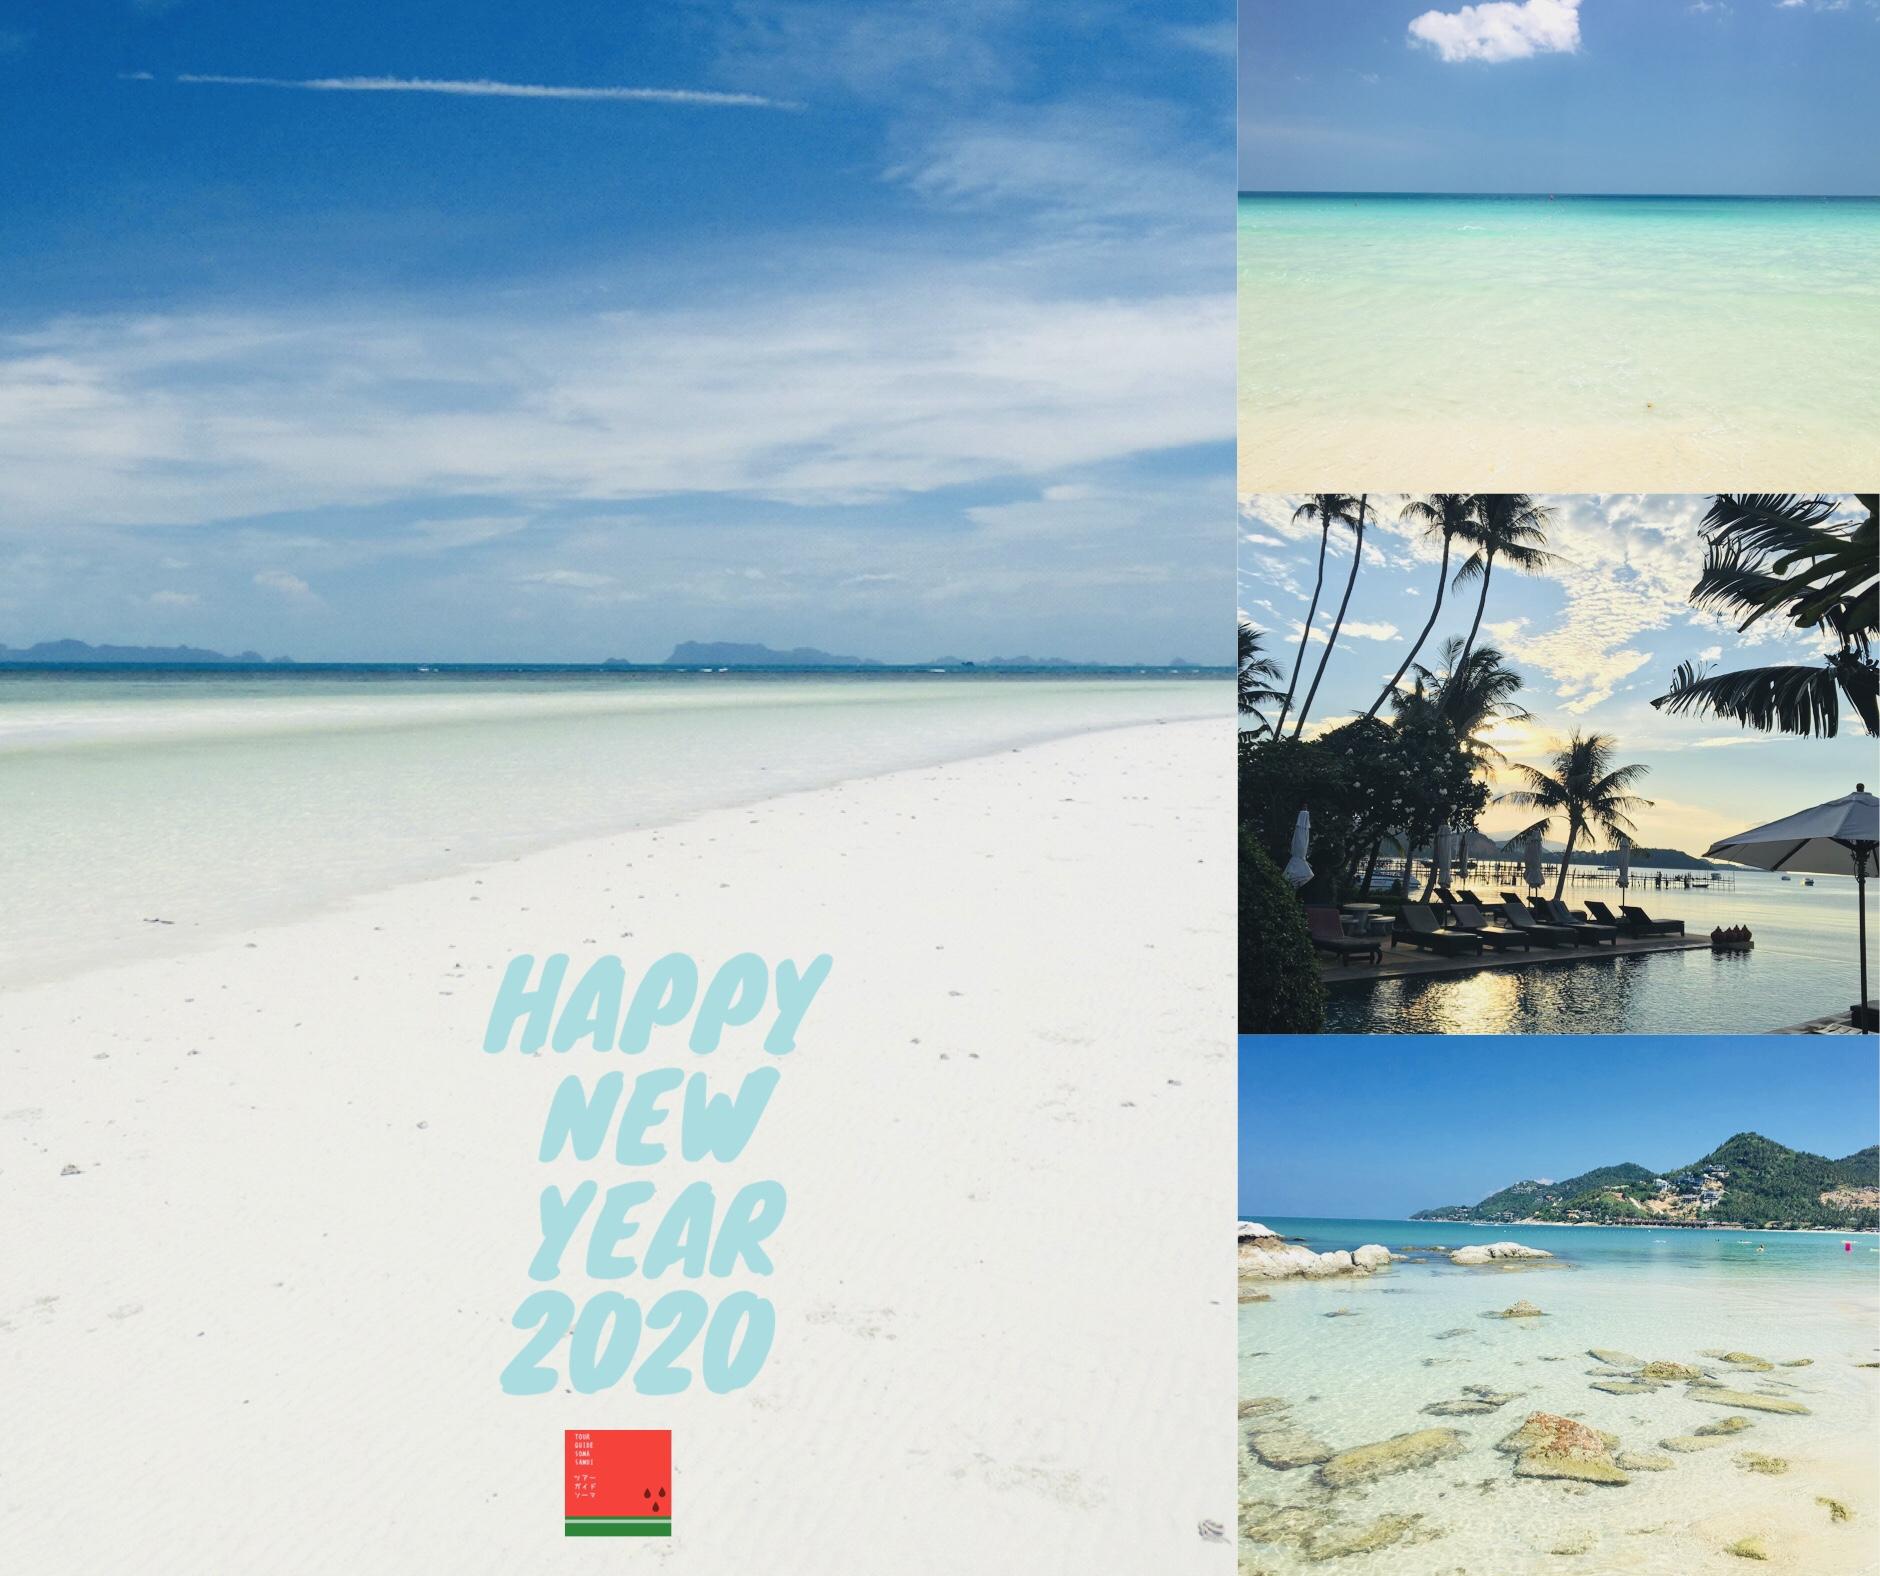 サムイ島より新年のご挨拶2020